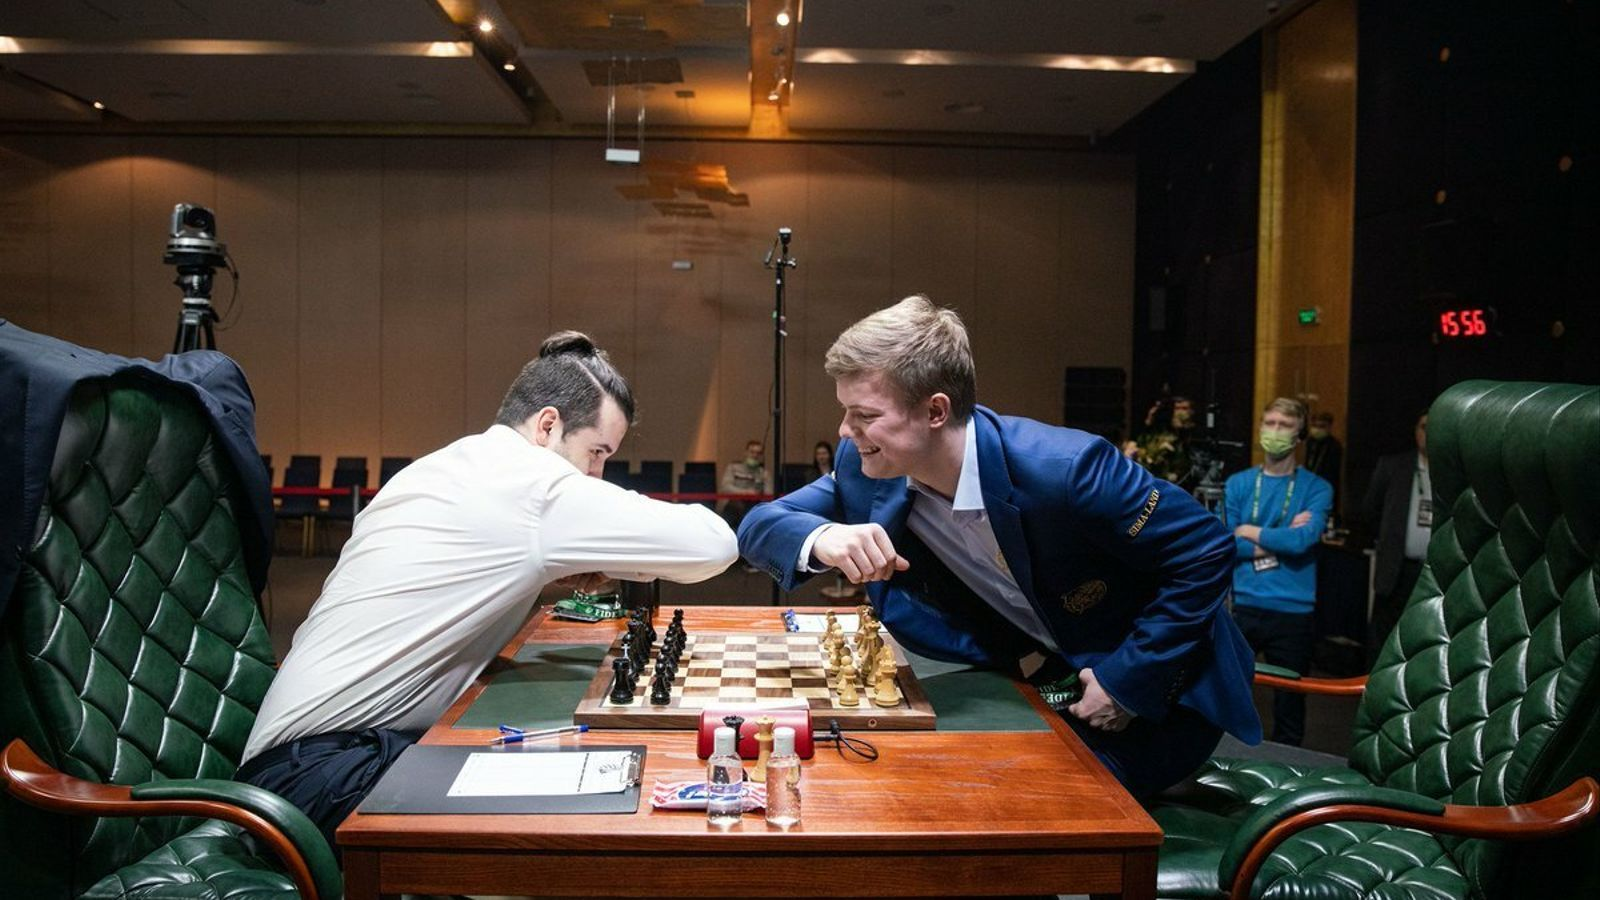 Ian Nepomniachtchi i Kirill Alekseenko, a la tercera ronda del Torneig de Candidats 2020